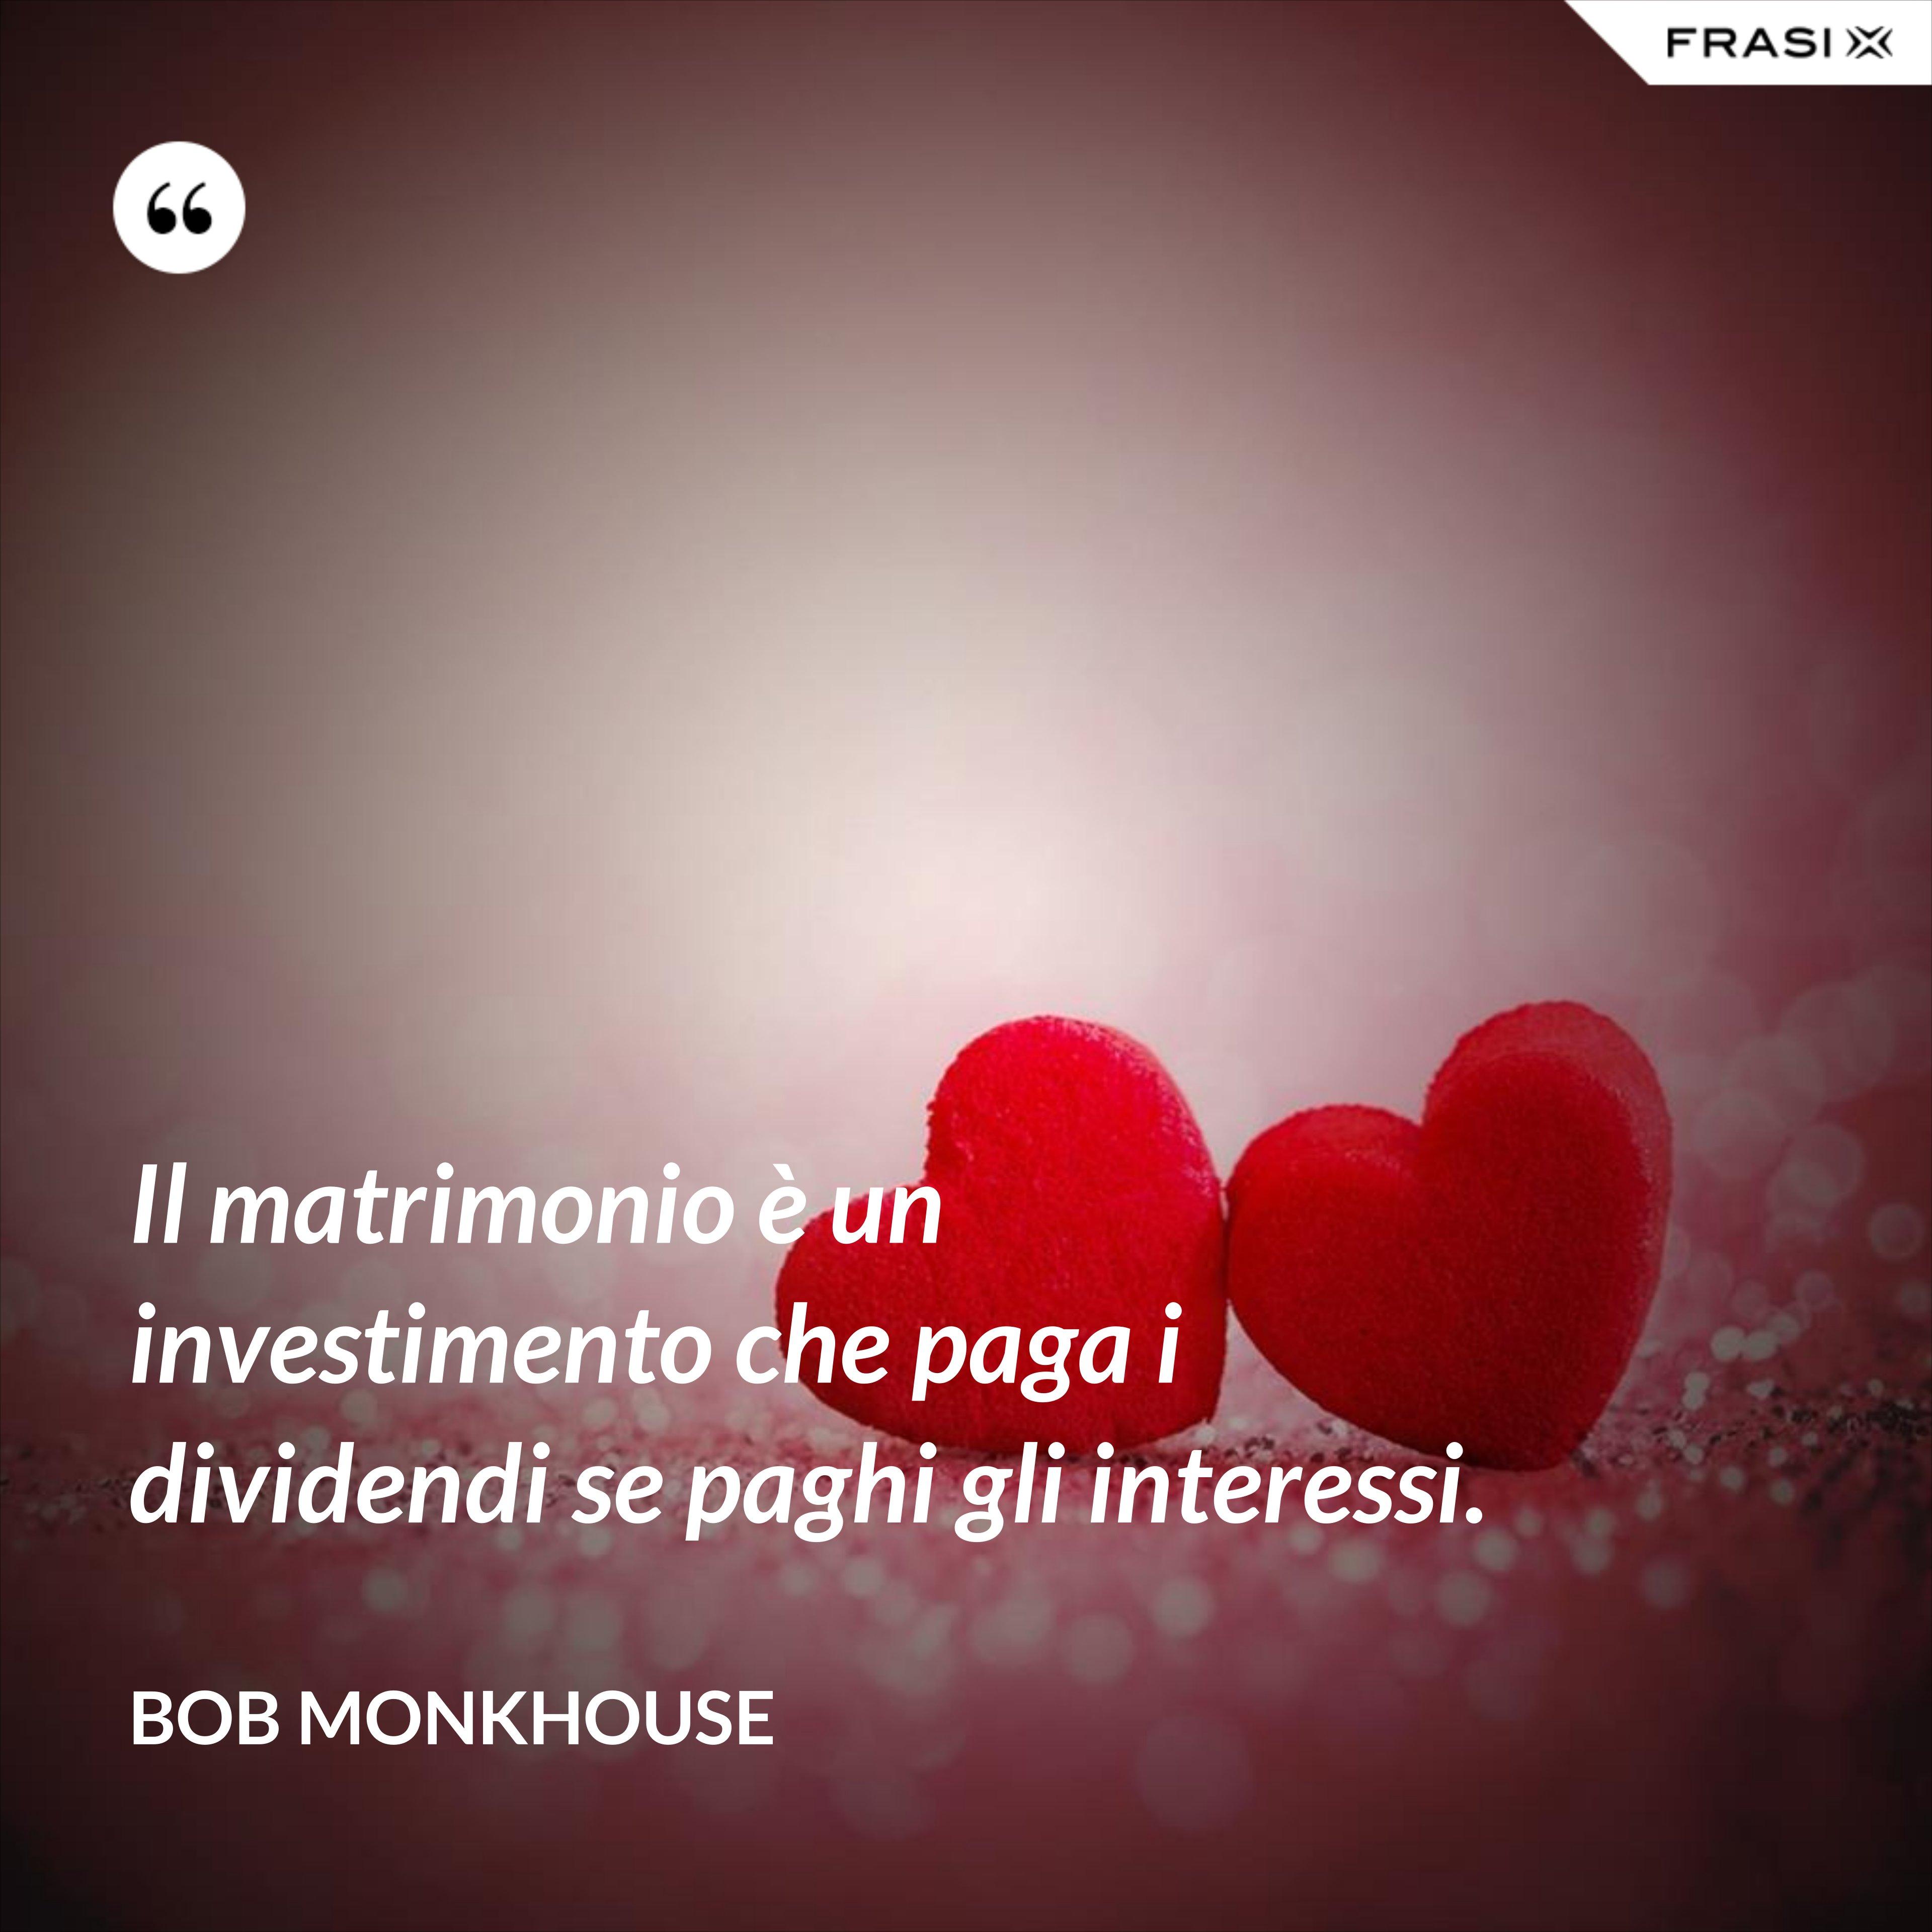 Il matrimonio è un investimento che paga i dividendi se paghi gli interessi. - Bob Monkhouse